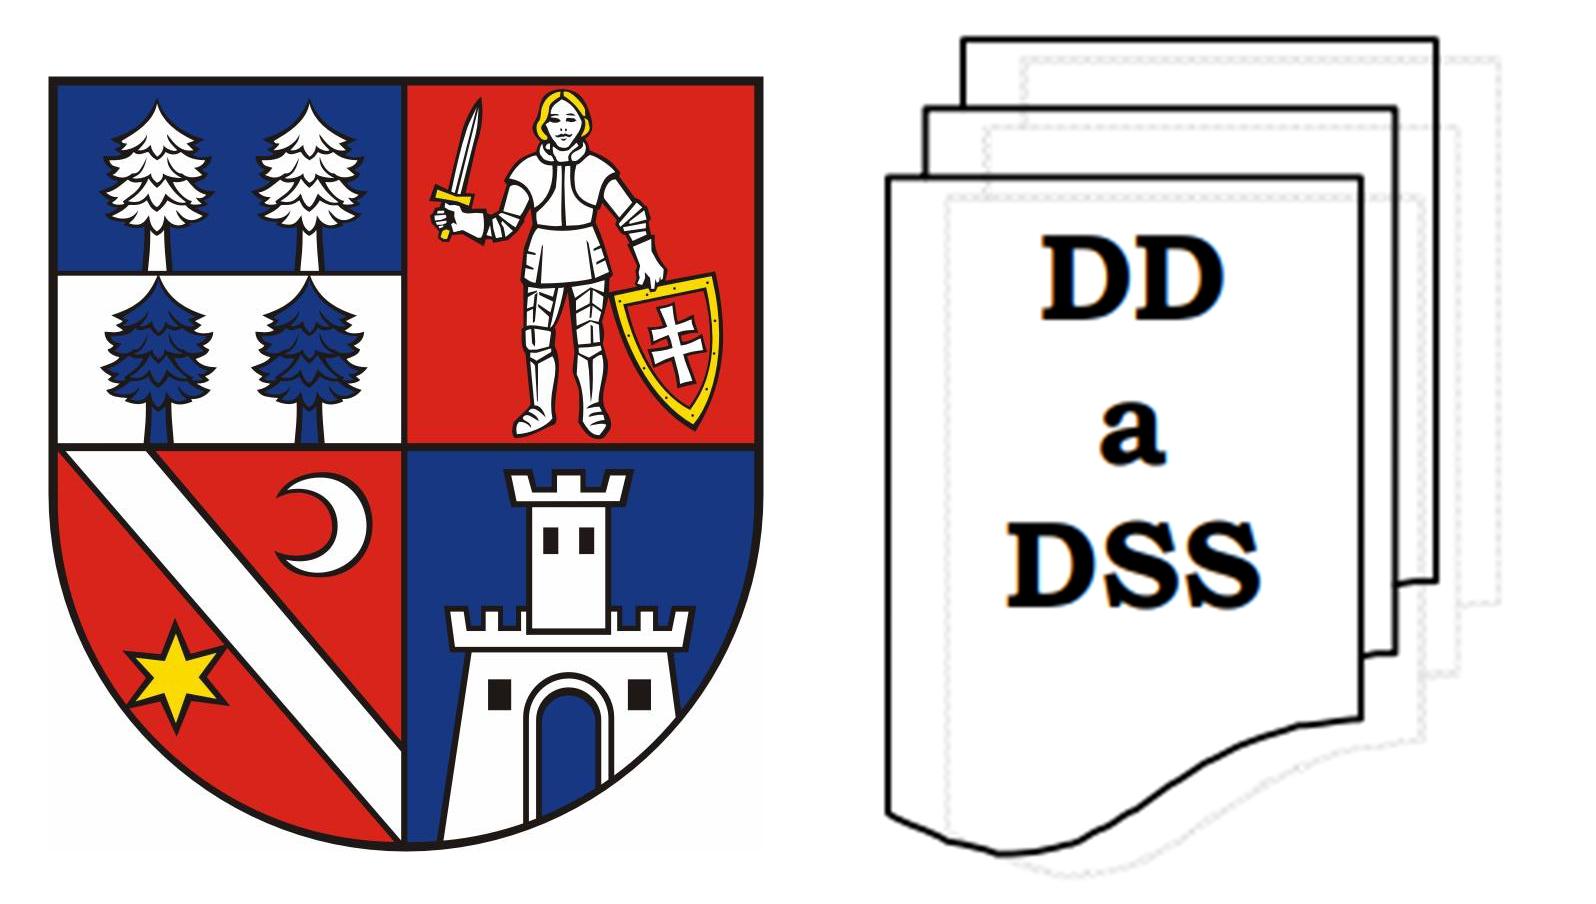 BBSK-DD-DSS